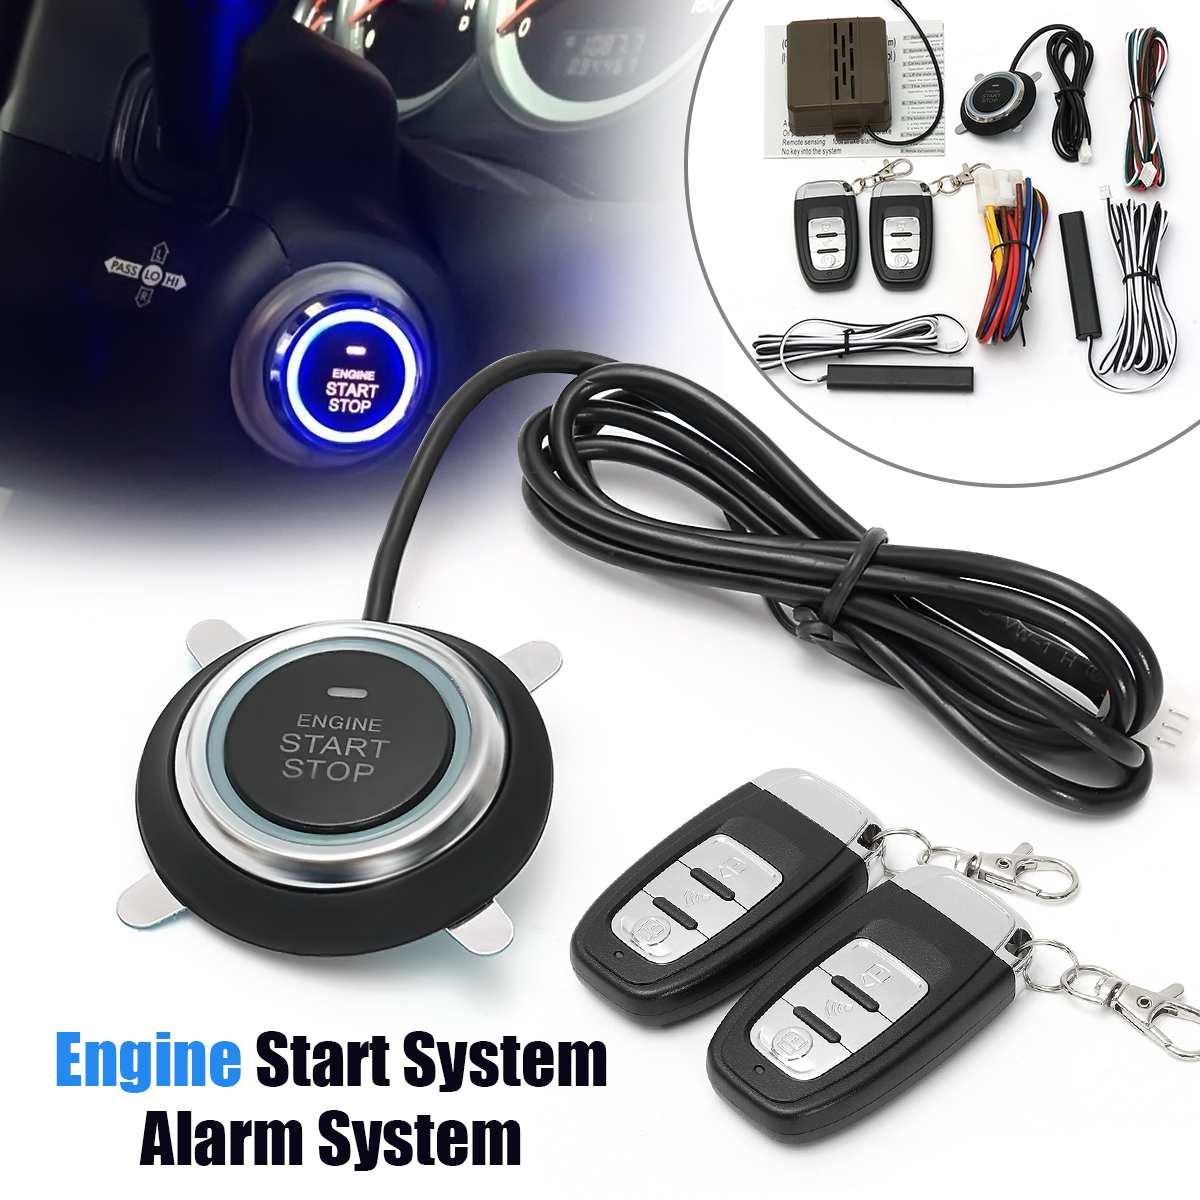 Audew автомобильный двигатель Start Stop SUV Автозапуск система сигнализации запуска двигателя кнопочная кнопка дистанционного стартера стоп авто...